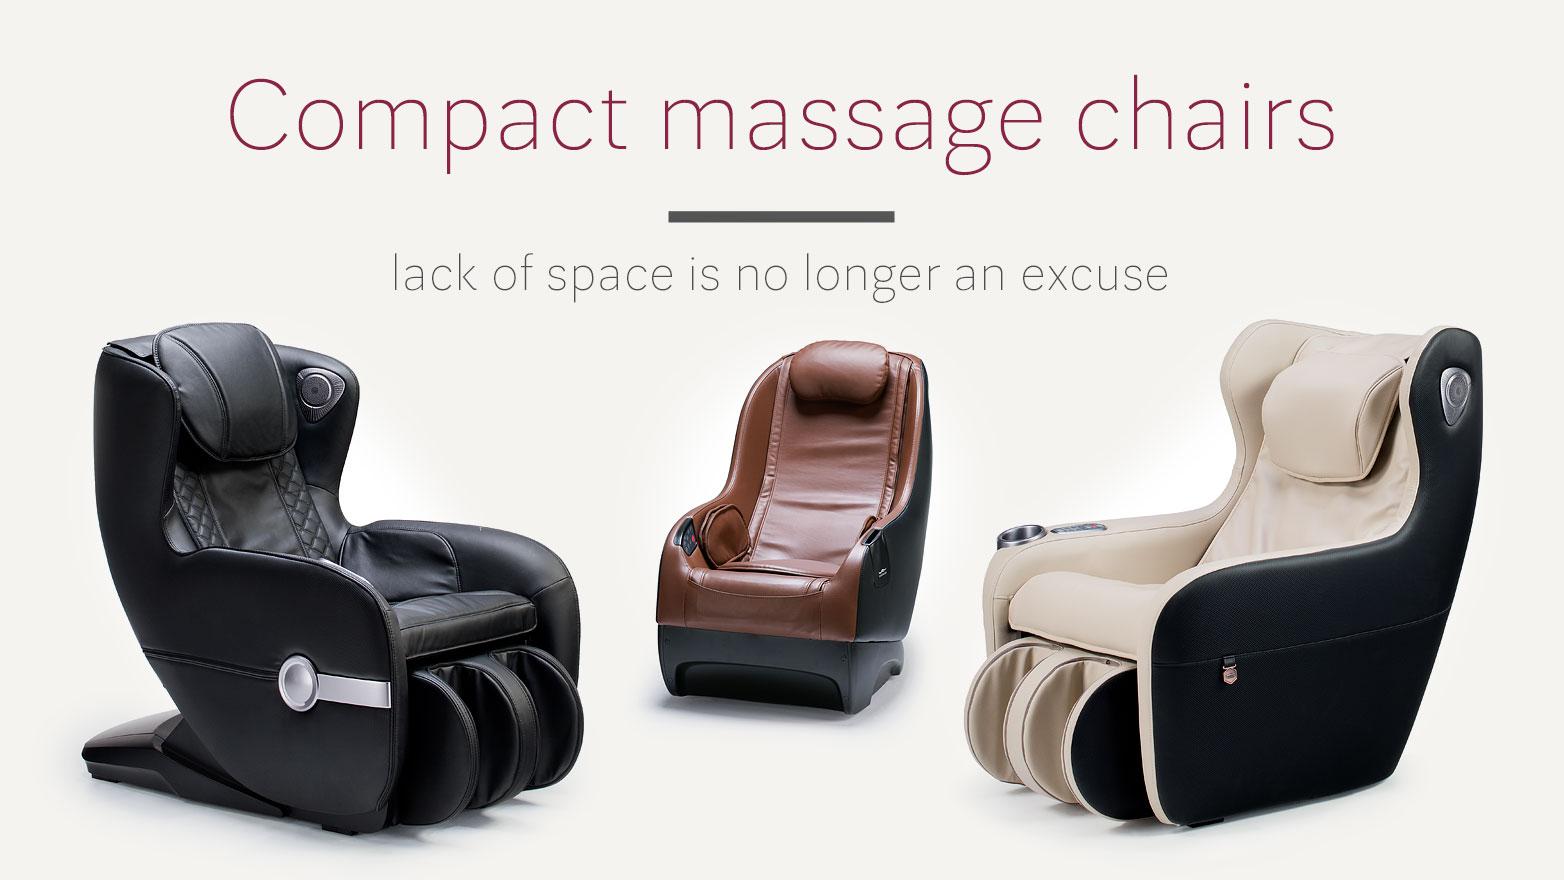 Small massage chairs